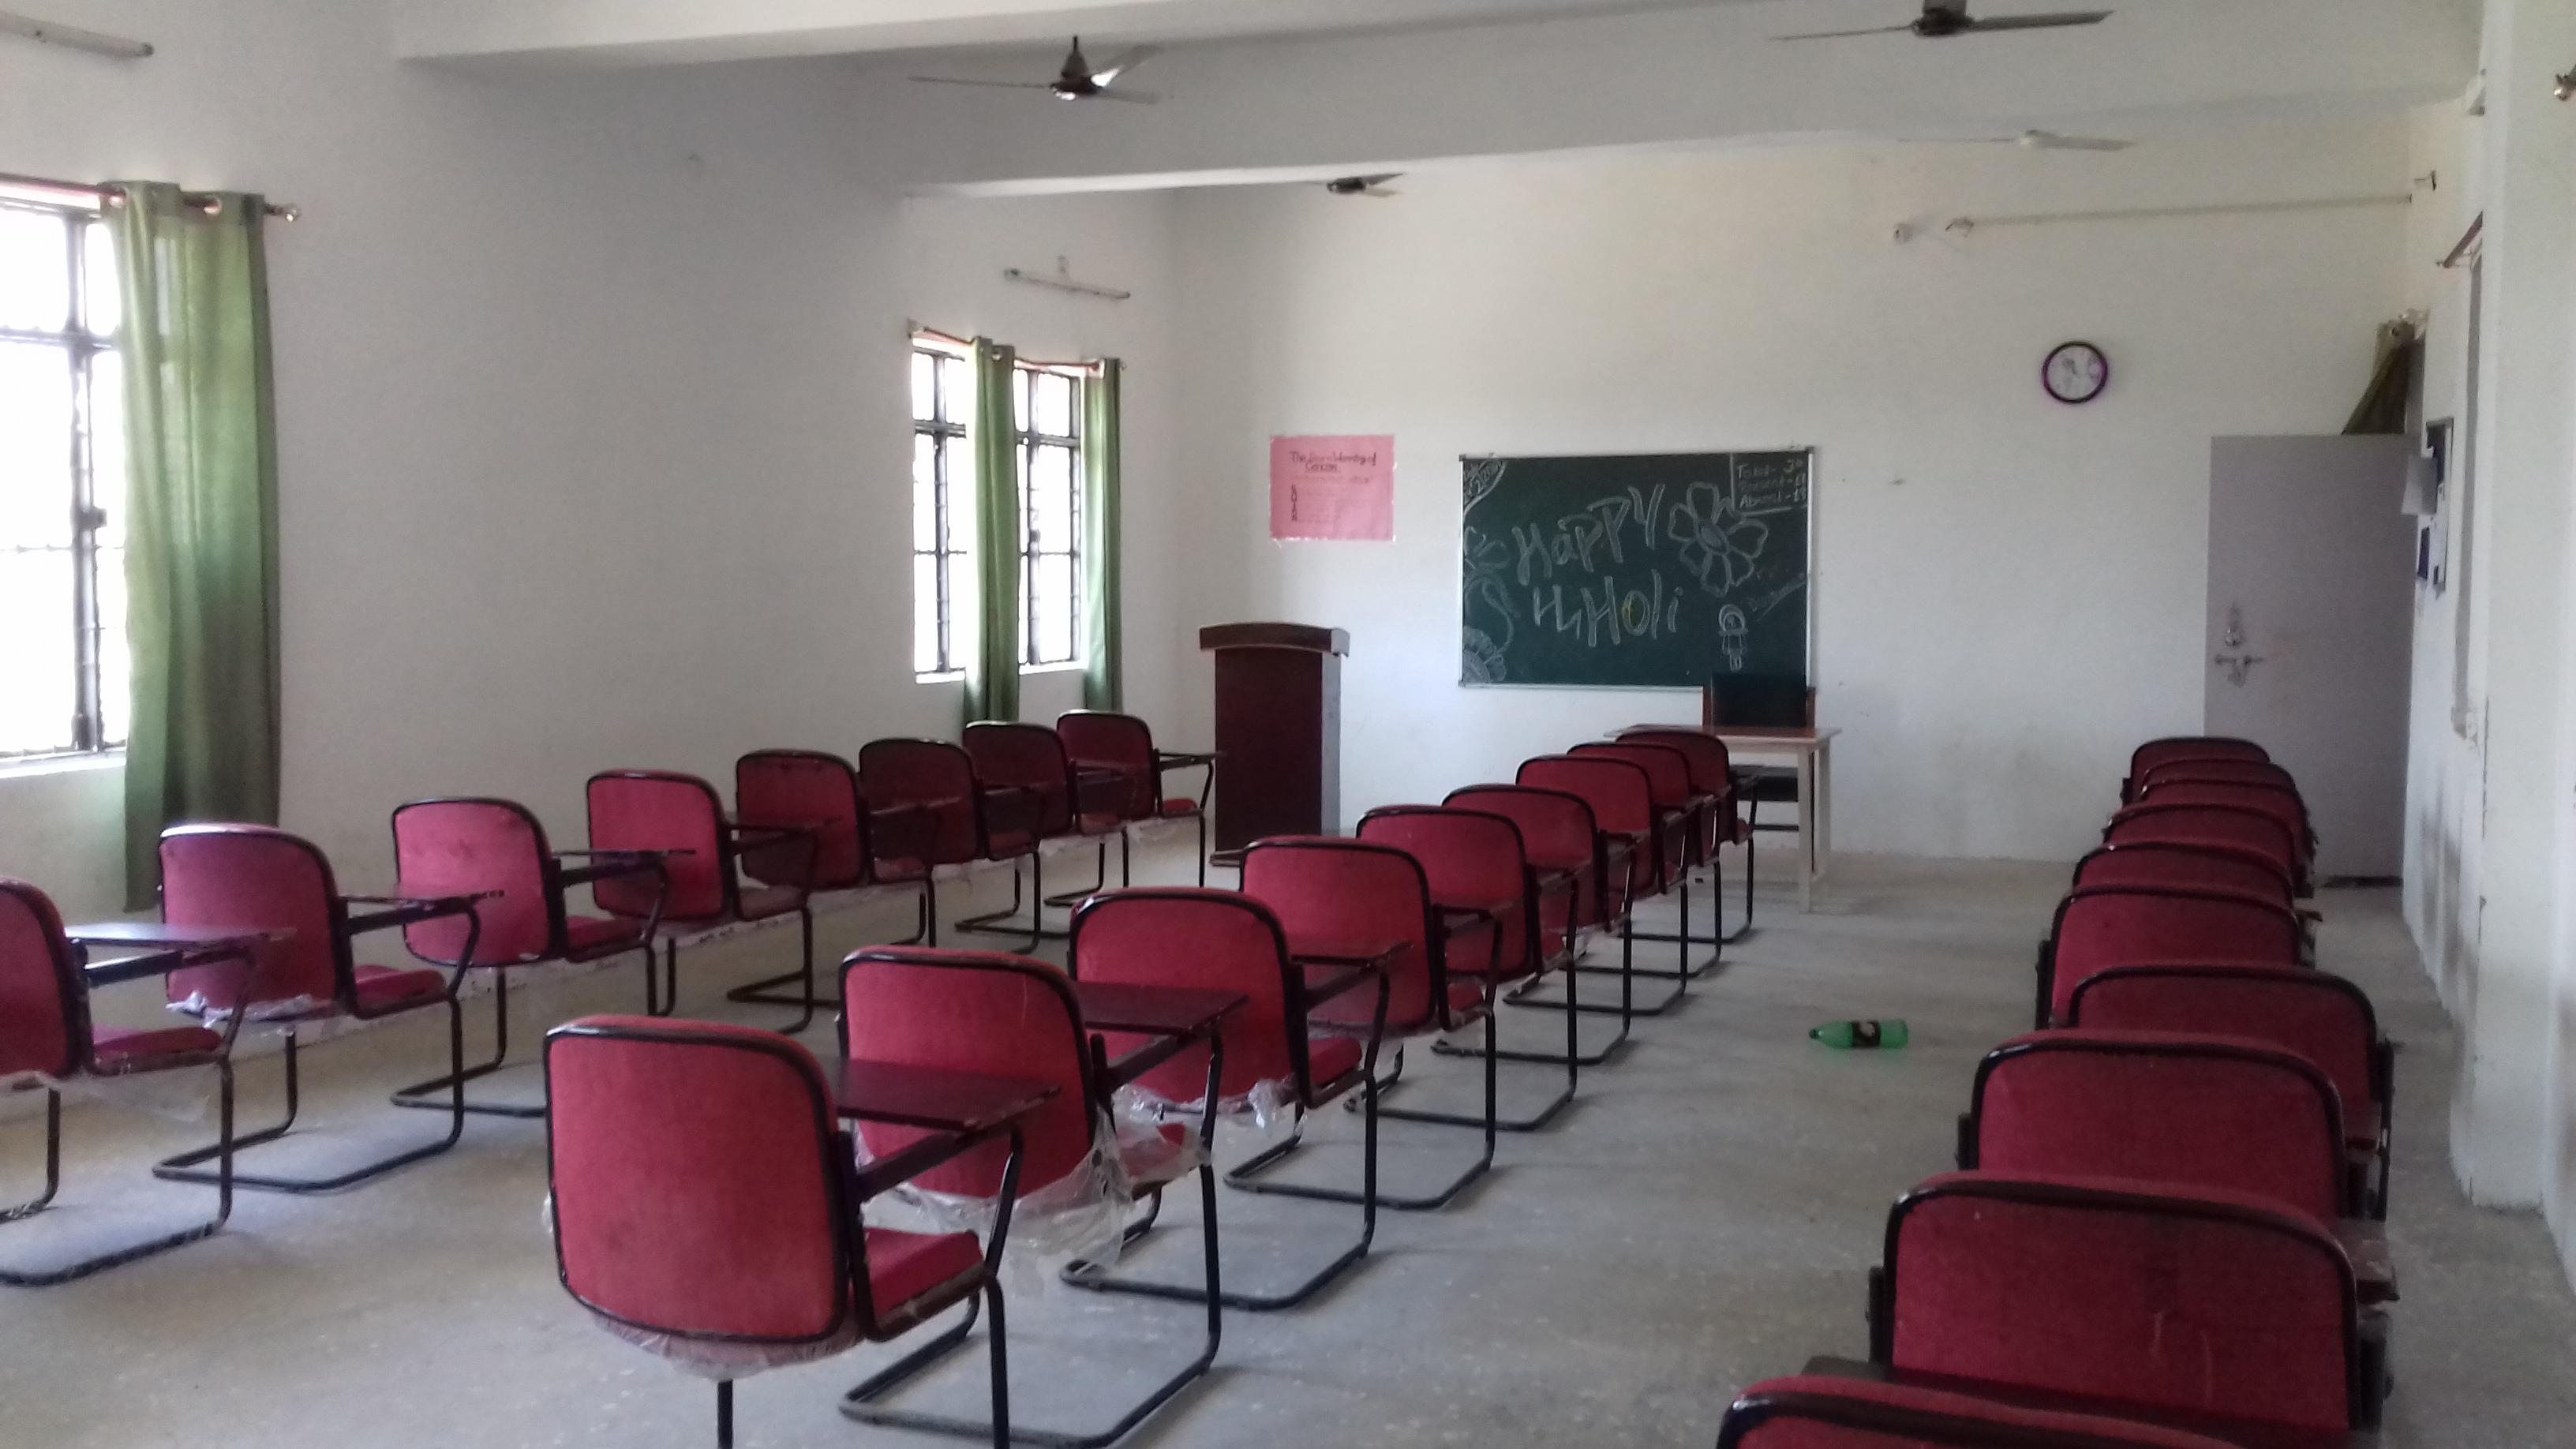 Shri Babu Singh DadduJi Nursing And Paramedical College Image